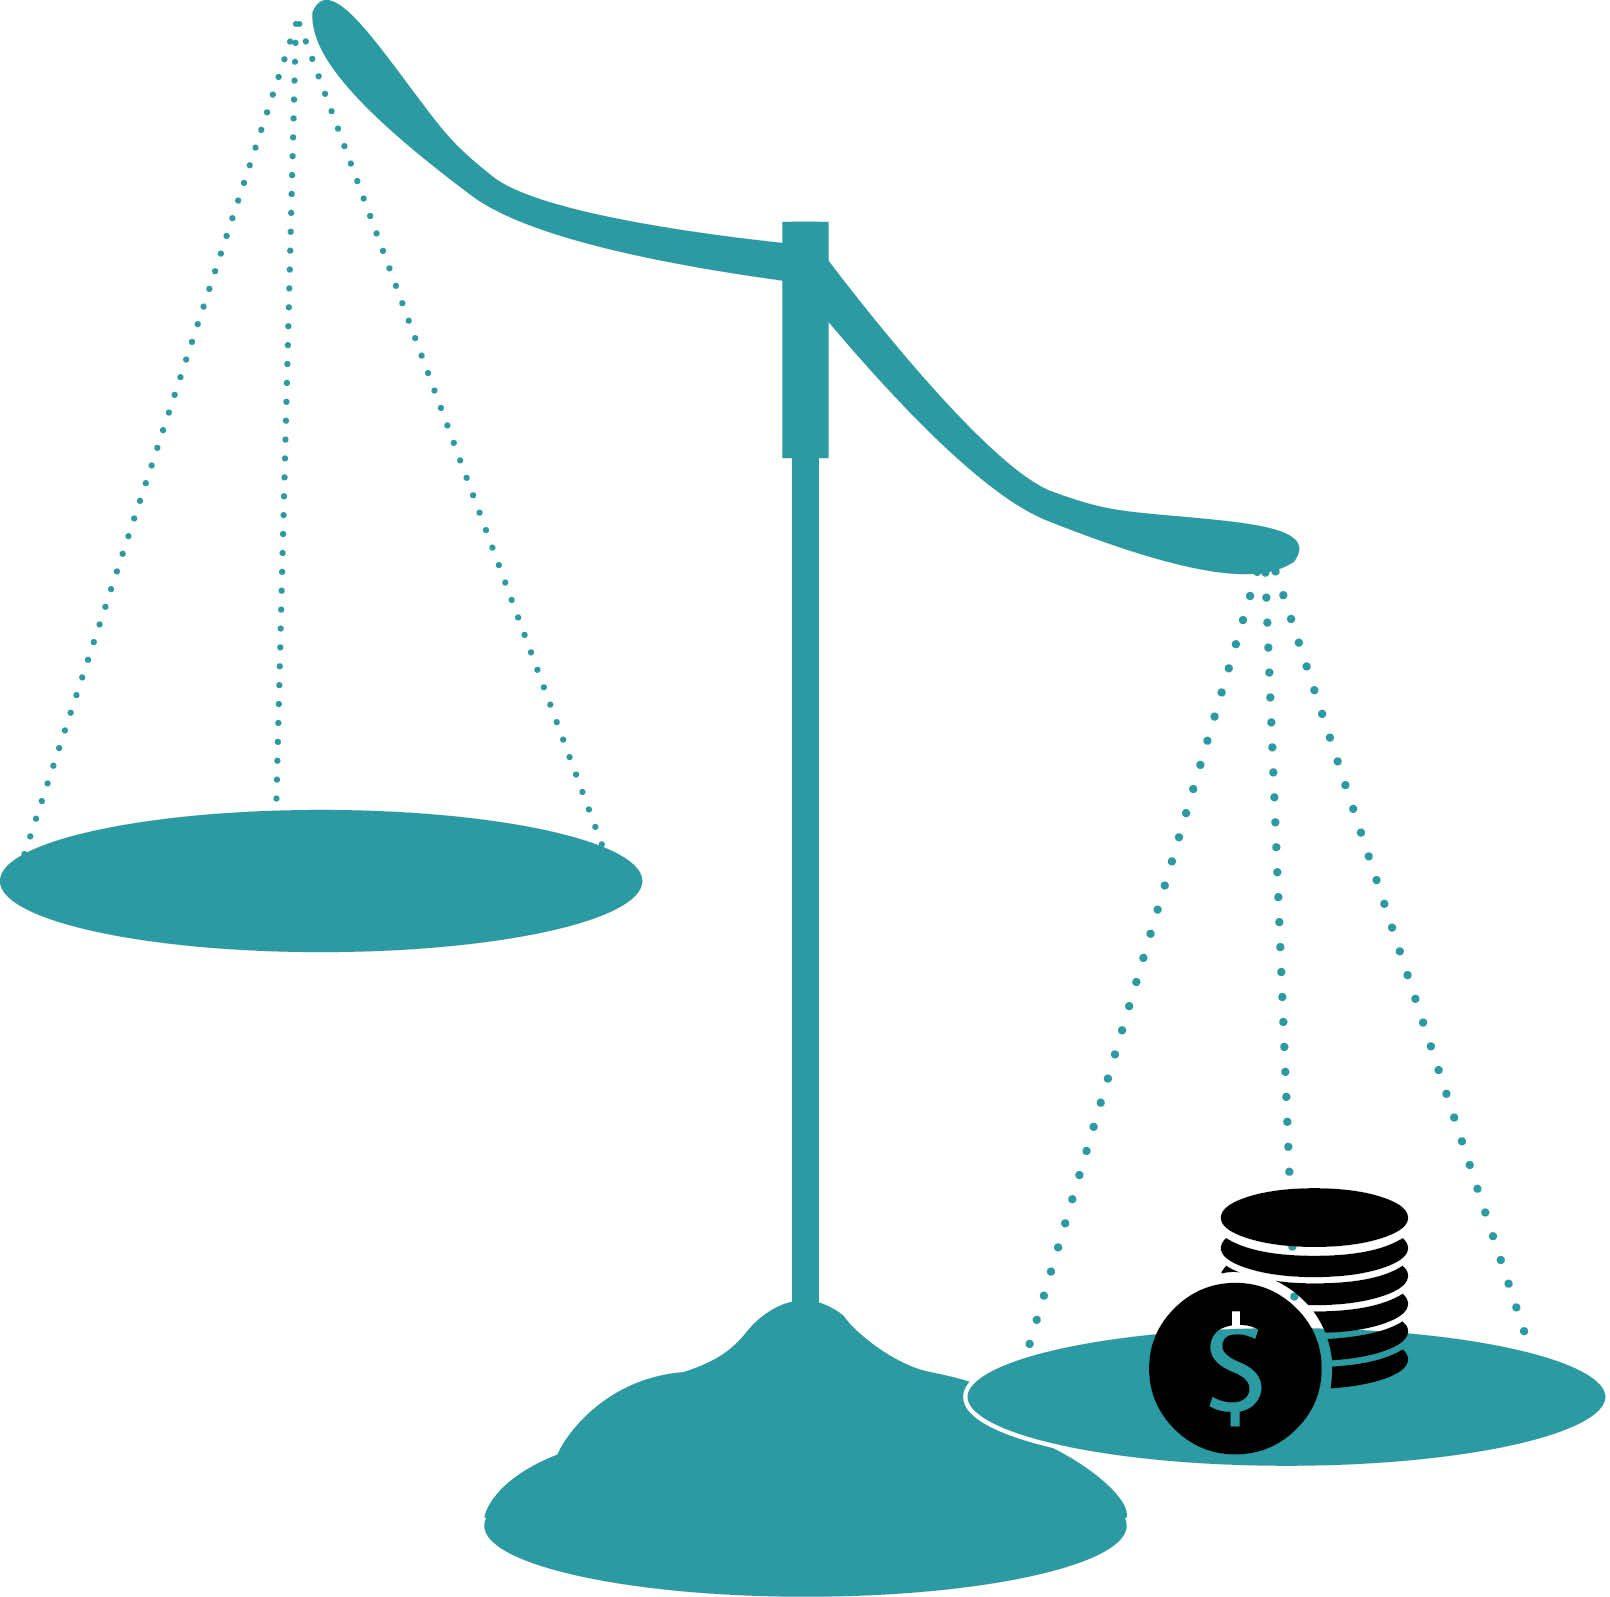 auditoria-paga-a-conta